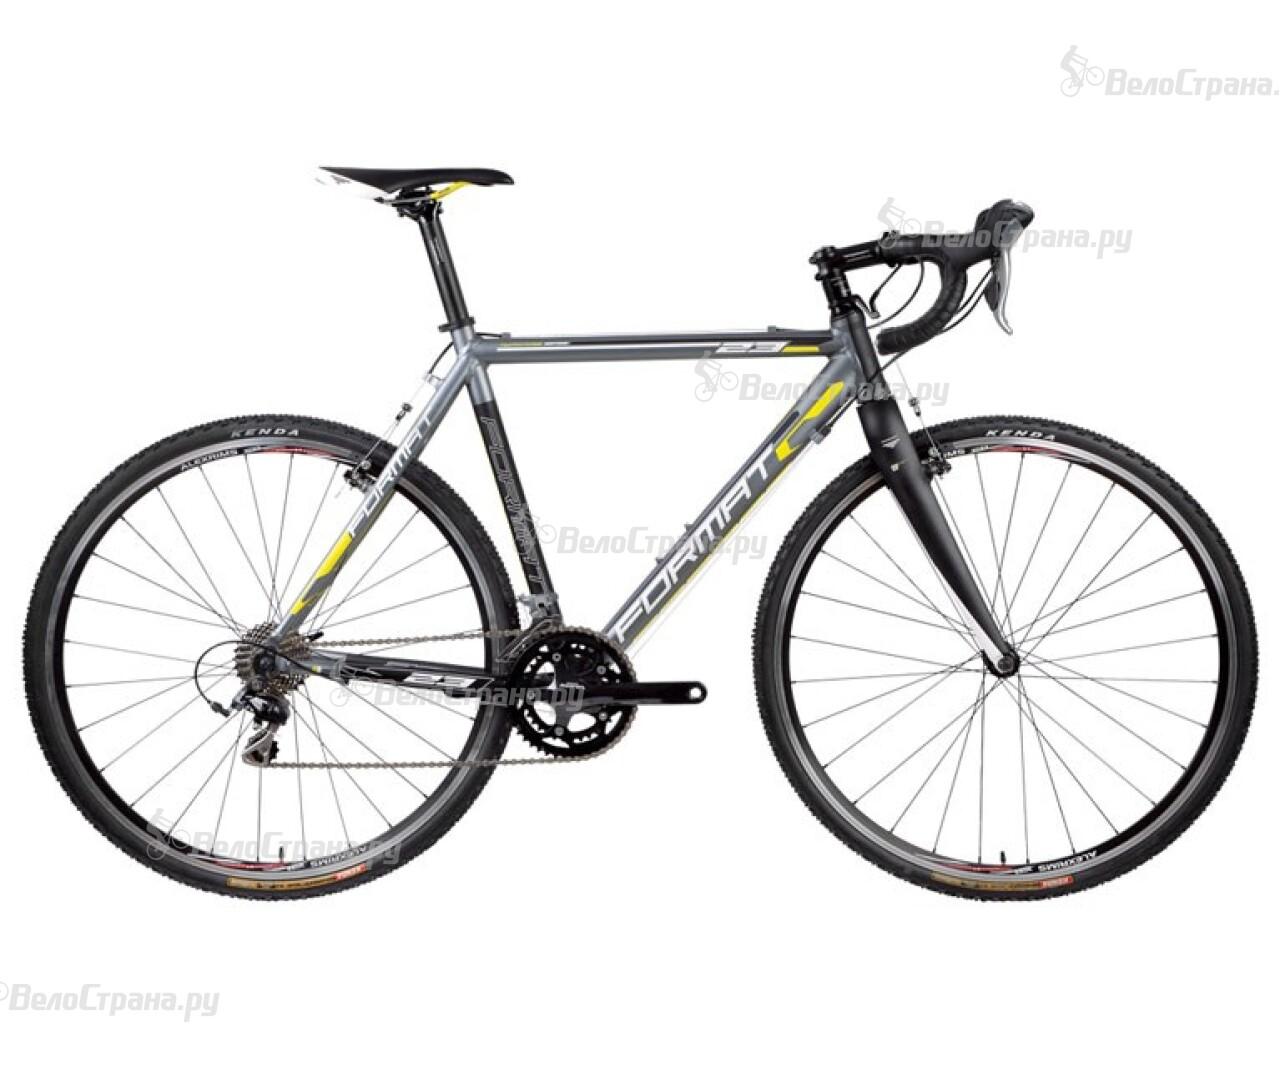 Велосипед Format 2312 (2014) велосипед format 1212 2014